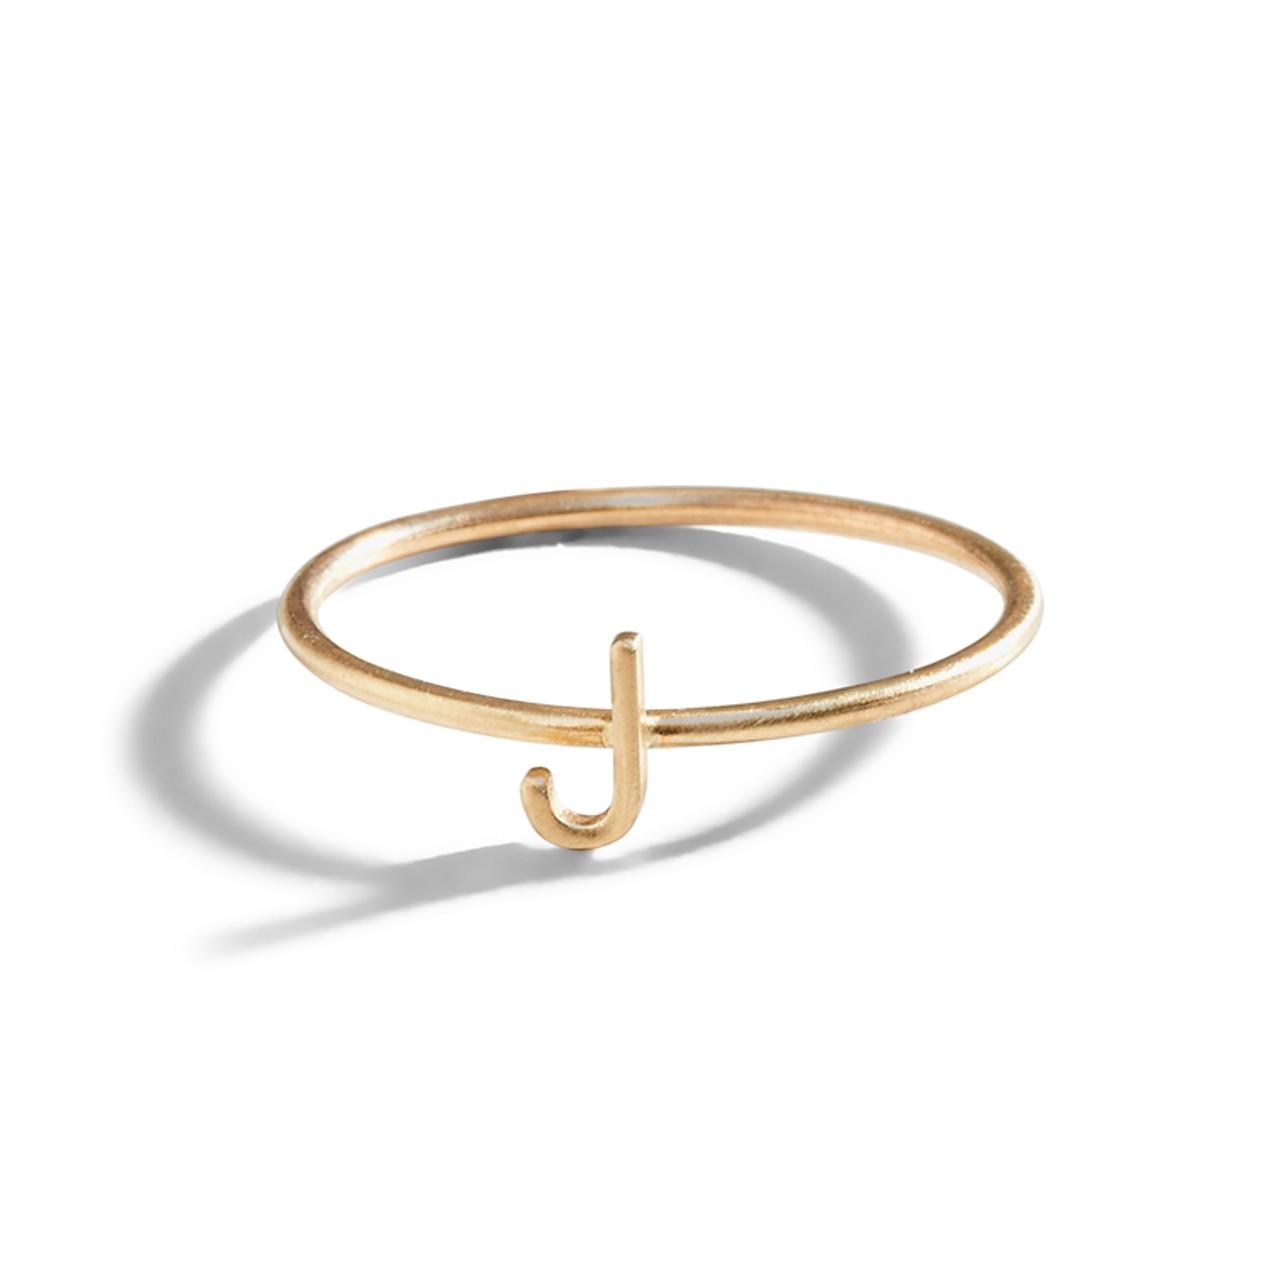 Gold Initial Letter Ring | Alphabet Letter Ring